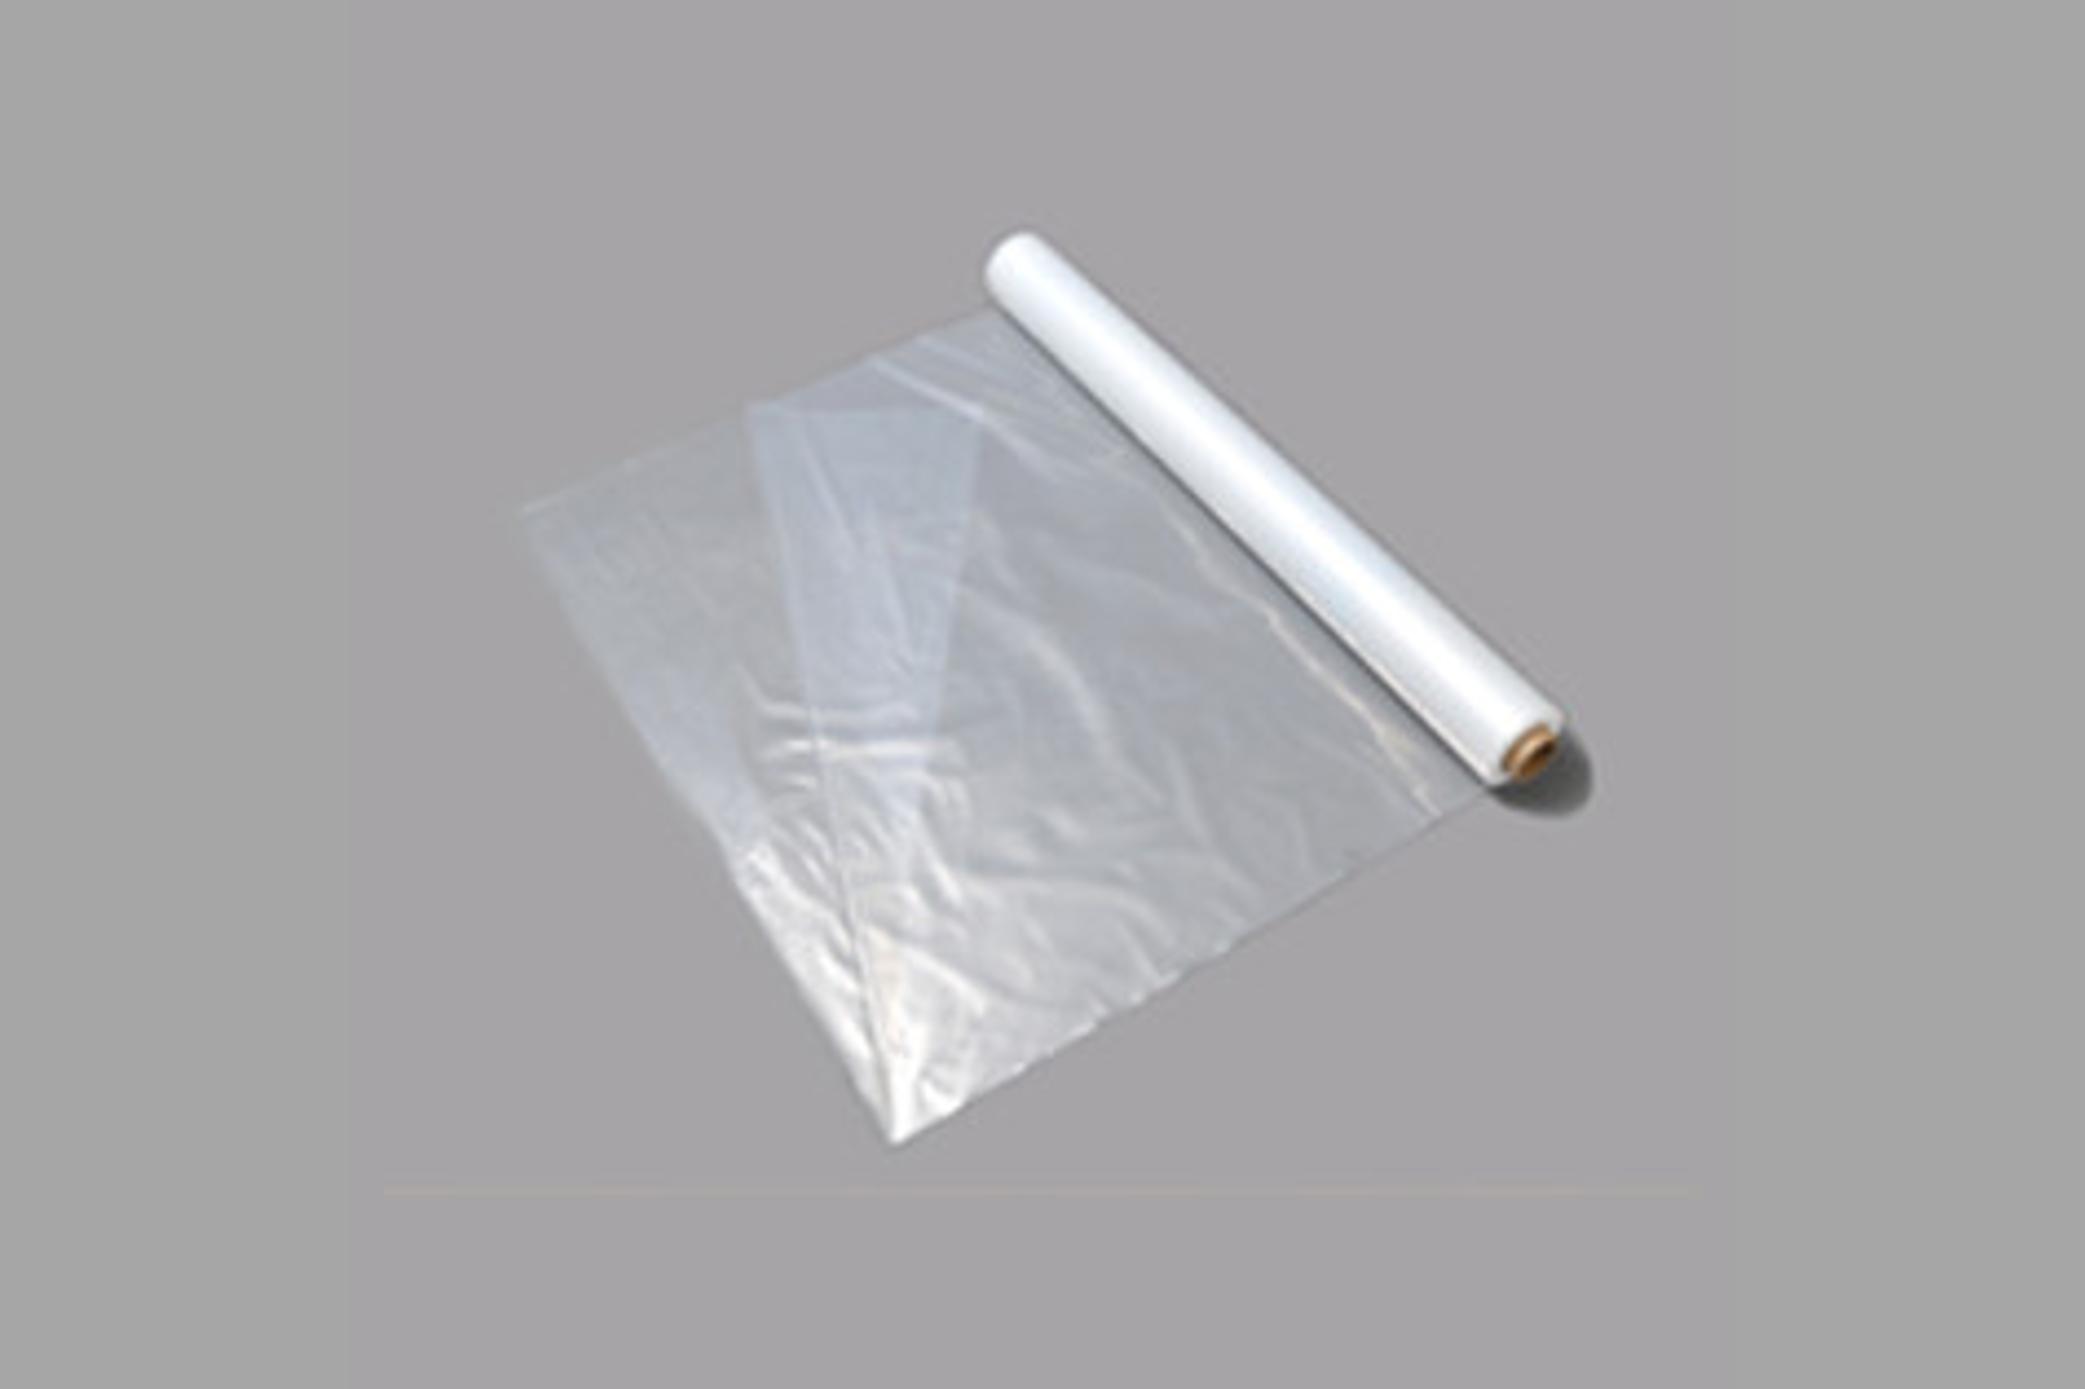 防湿養生シート、ダクト用ポリチューブ